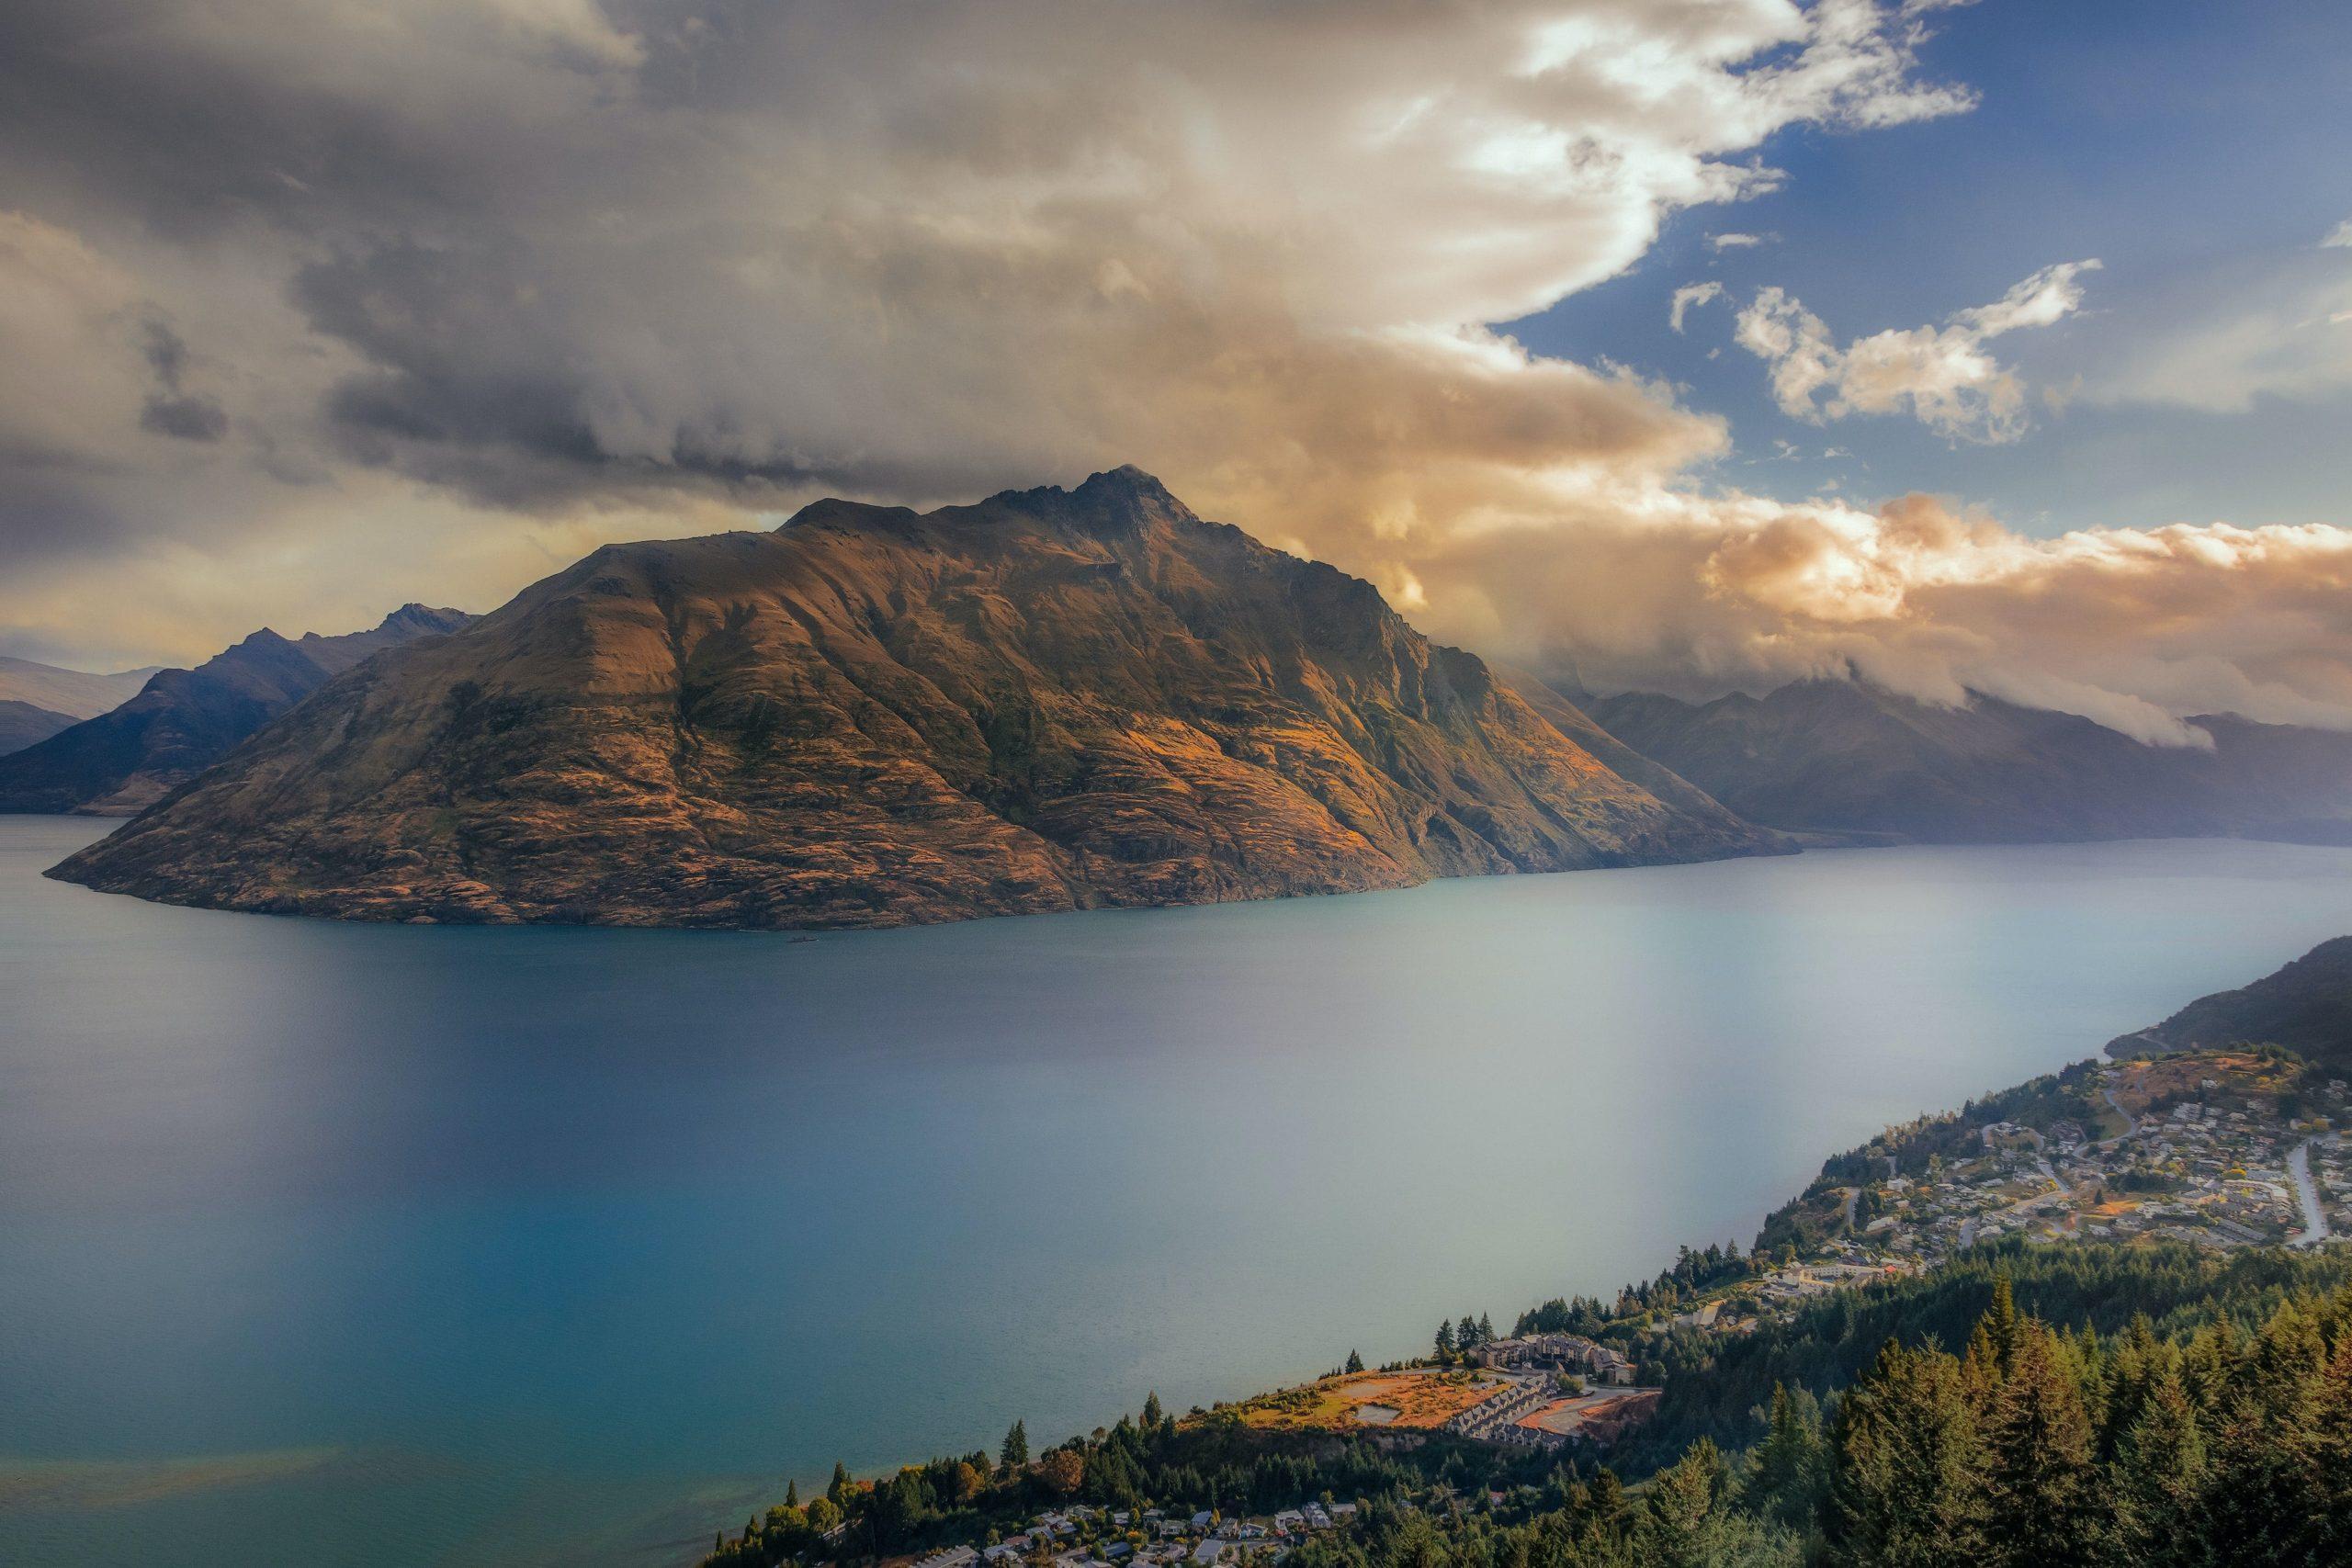 mountain in Queenstown, New Zealand